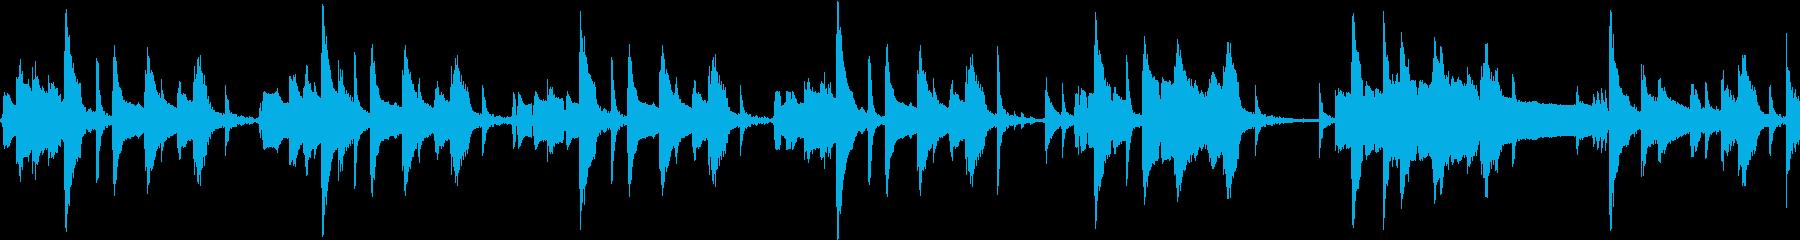 ループ仕様 ジャズなグルメ番組風 速めの再生済みの波形